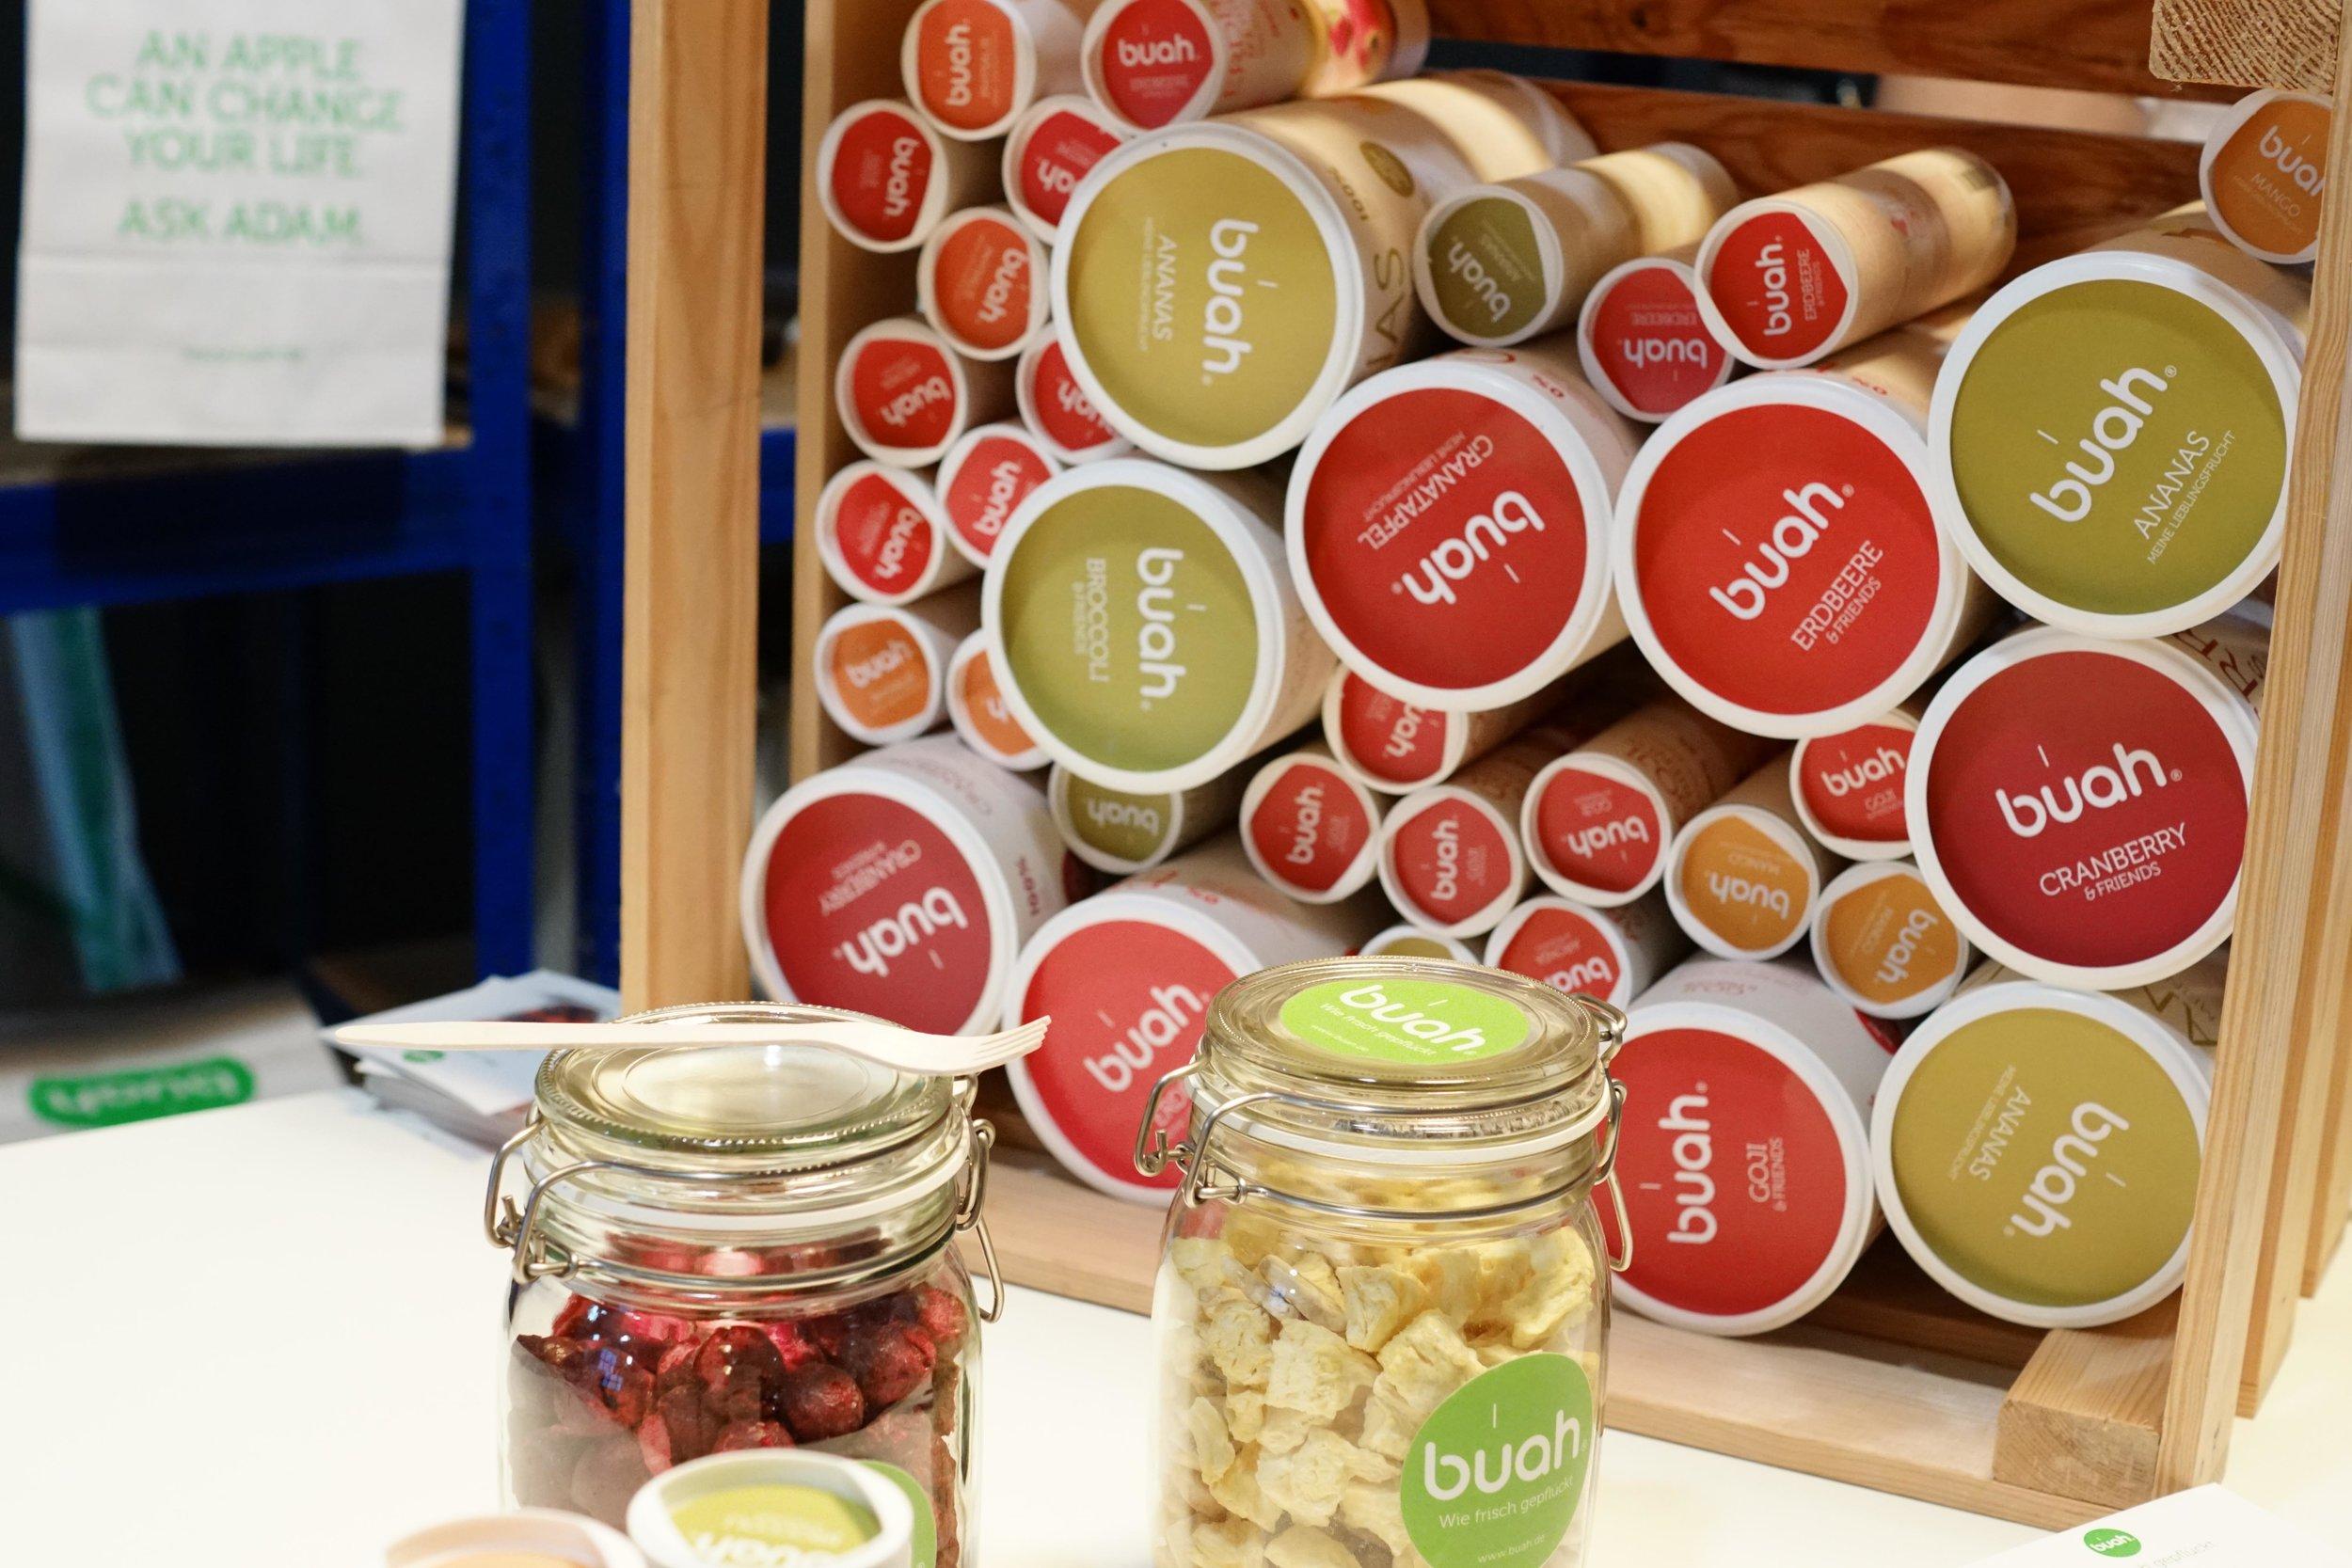 Deutsche Startups - Food und FoodTech Platform Buah Fruits - Photo Courtesy of Robert Dümcke (Fitby)